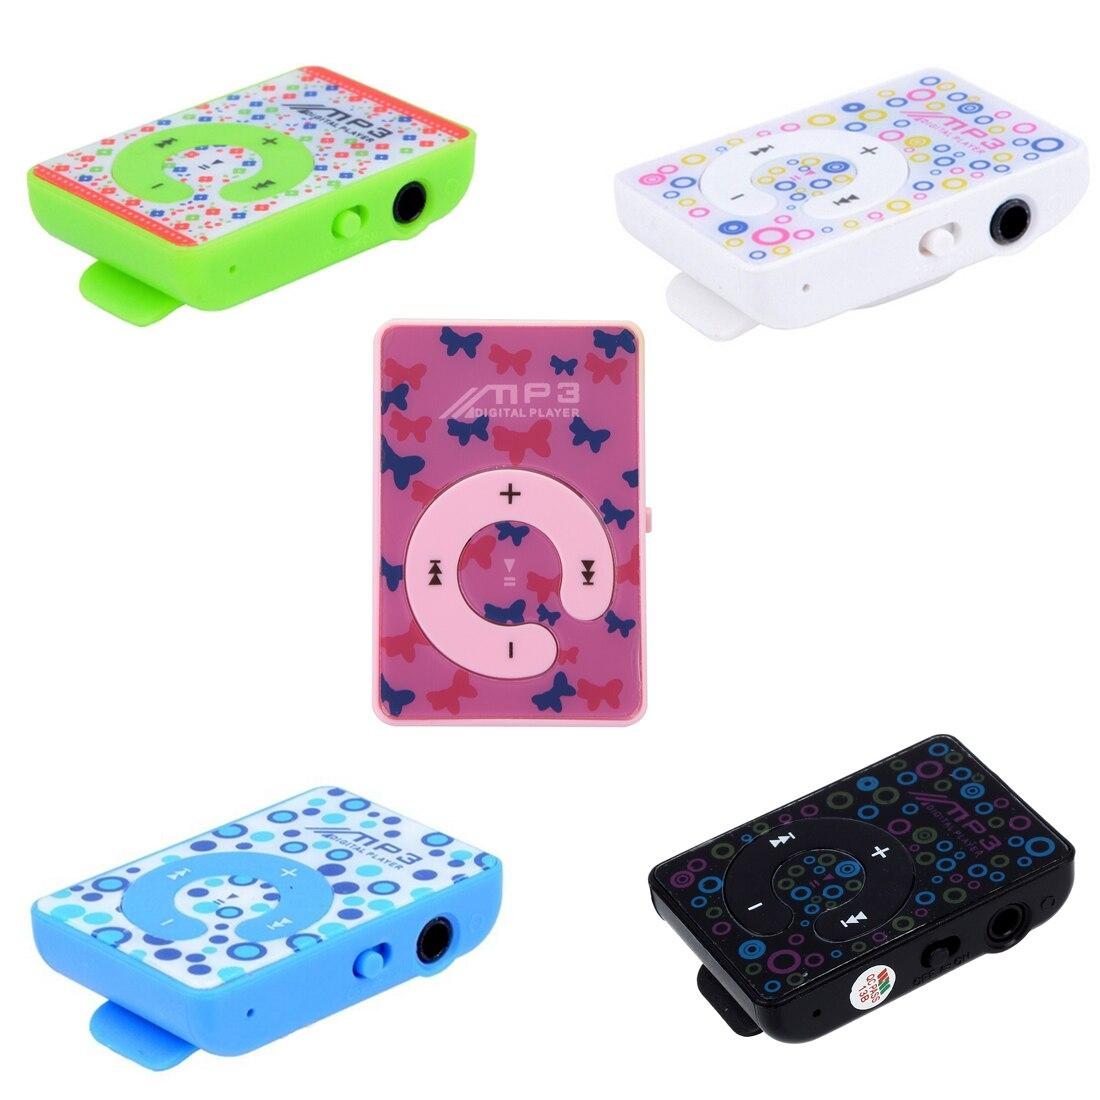 Gehemmt rosa/grün /weiß/blau/schwarz Usb Kabel Unsicher Kopfhörer Verlegen Maha Mini Clip Mp3 Musik Player Sd Karte Unterstützt 3,5mm Hochwertige Materialien Befangen Selbstbewusst